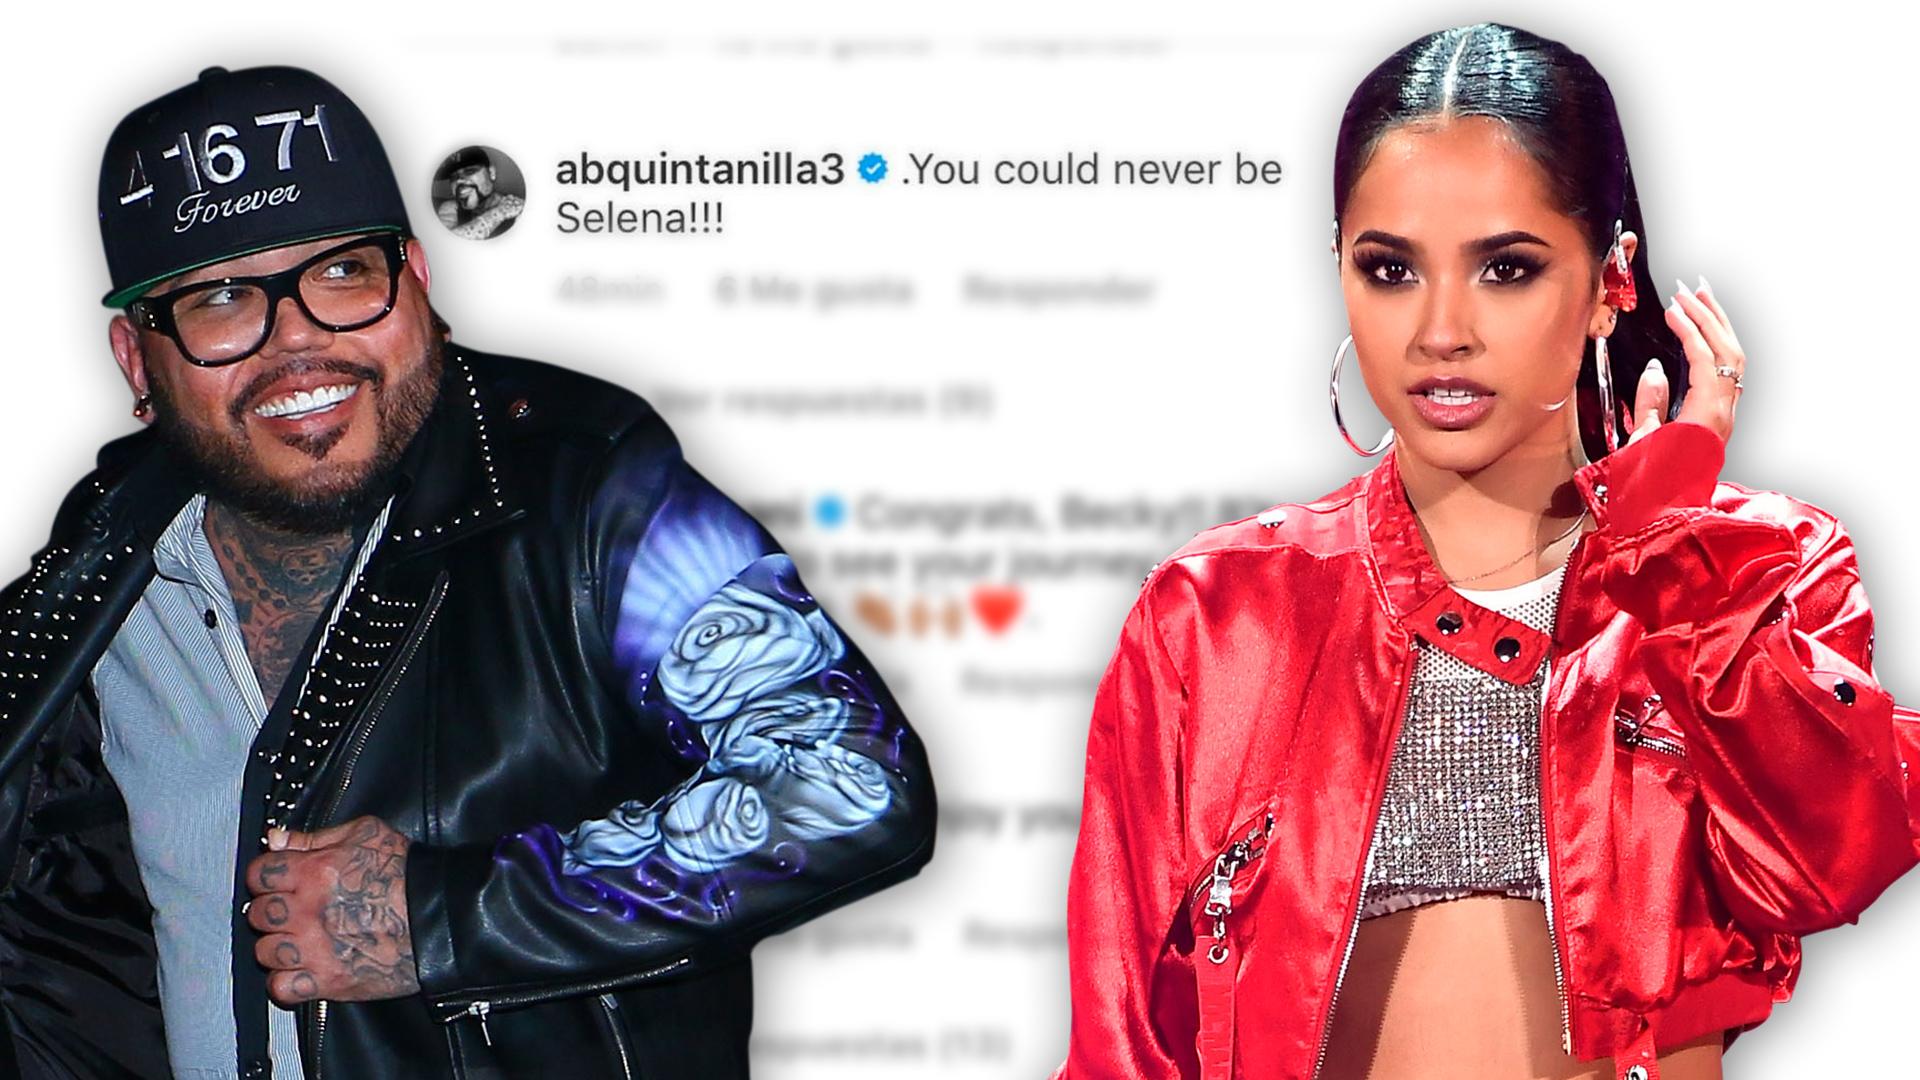 """""""Nunca serás como Selena"""": los mensajes en Twitter contra Becky G que salieron de la cuenta de A.B. Quintanilla"""